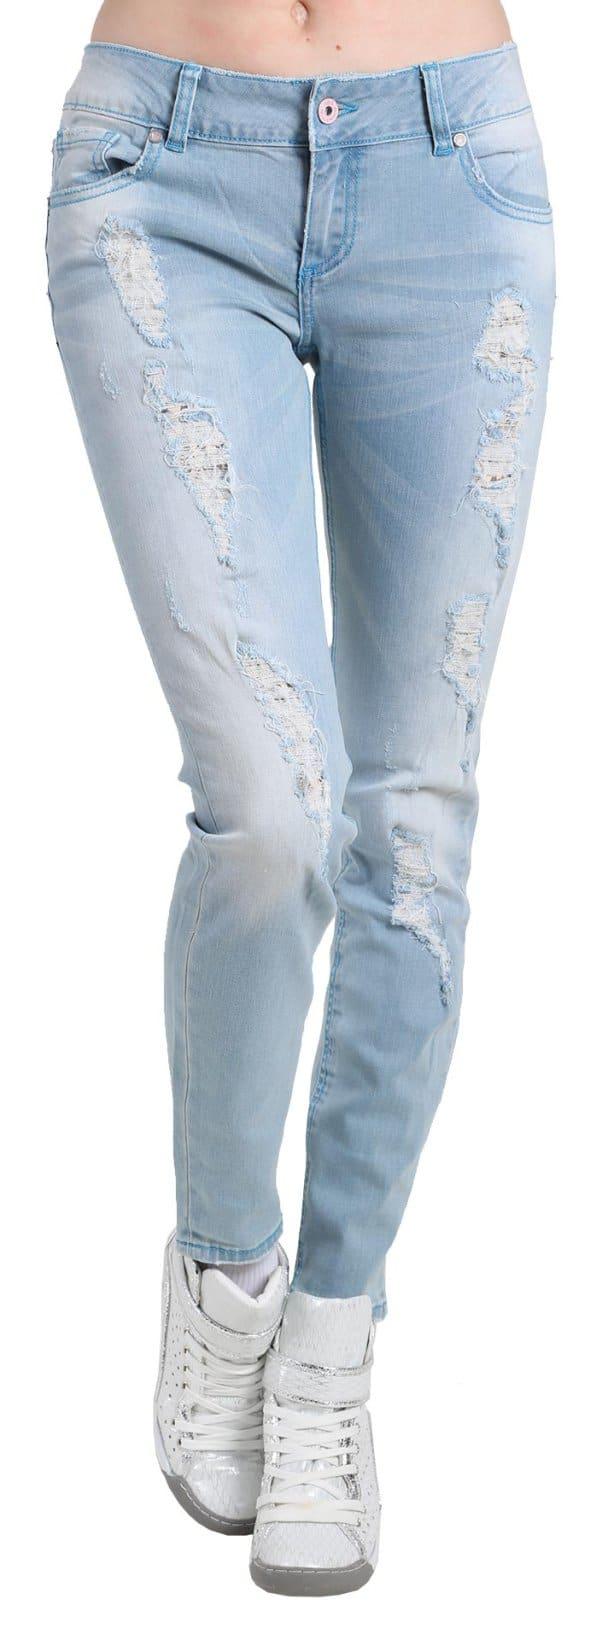 Le meilleur jean femme, pour sa morphologie